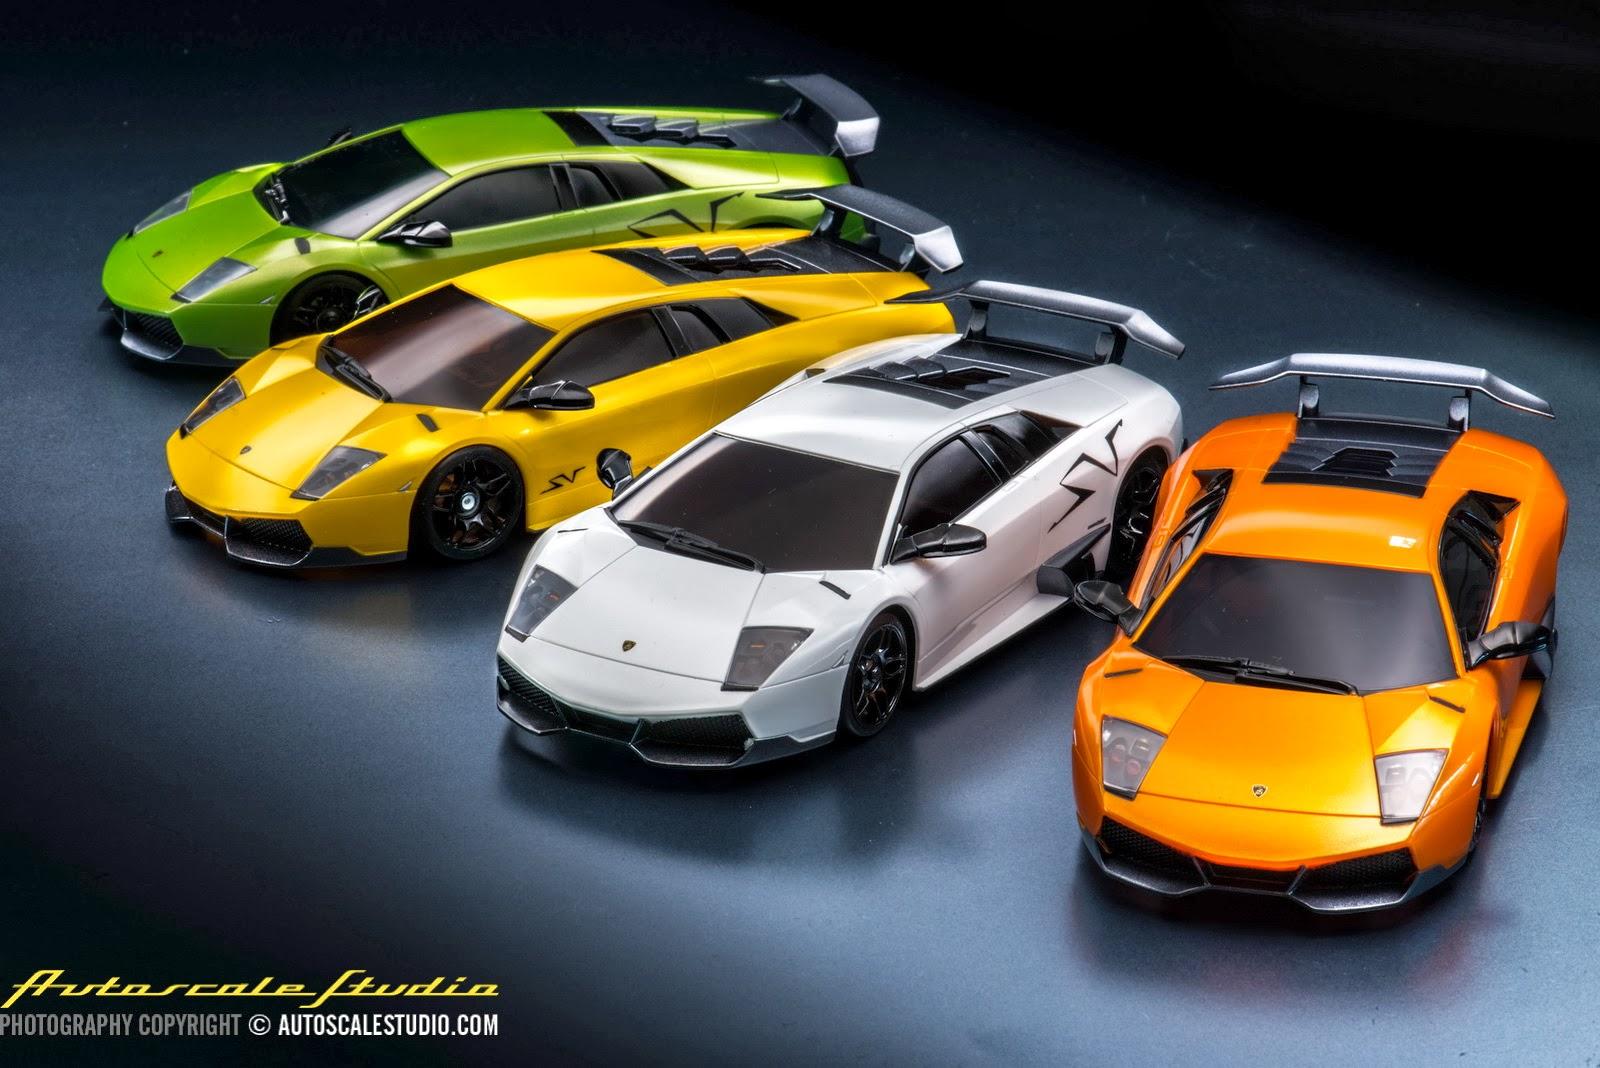 Mzp215 Lamborghini Murcielago Lp670 4sv Plain Color Quatuor Autoscale Studio オートスケール・スタジオ